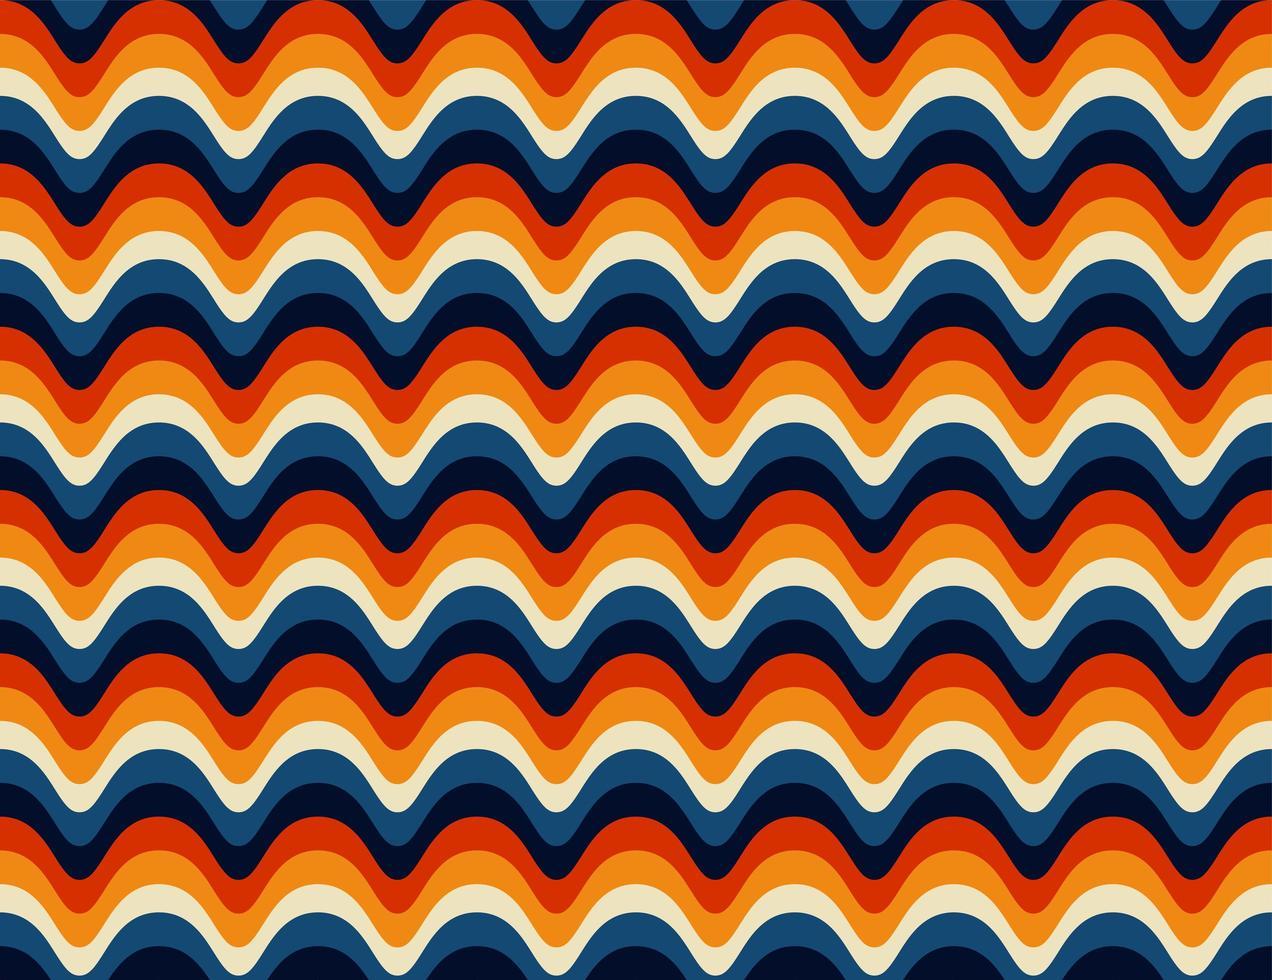 padrão retrô dos anos 70 cuved sem costura vetor